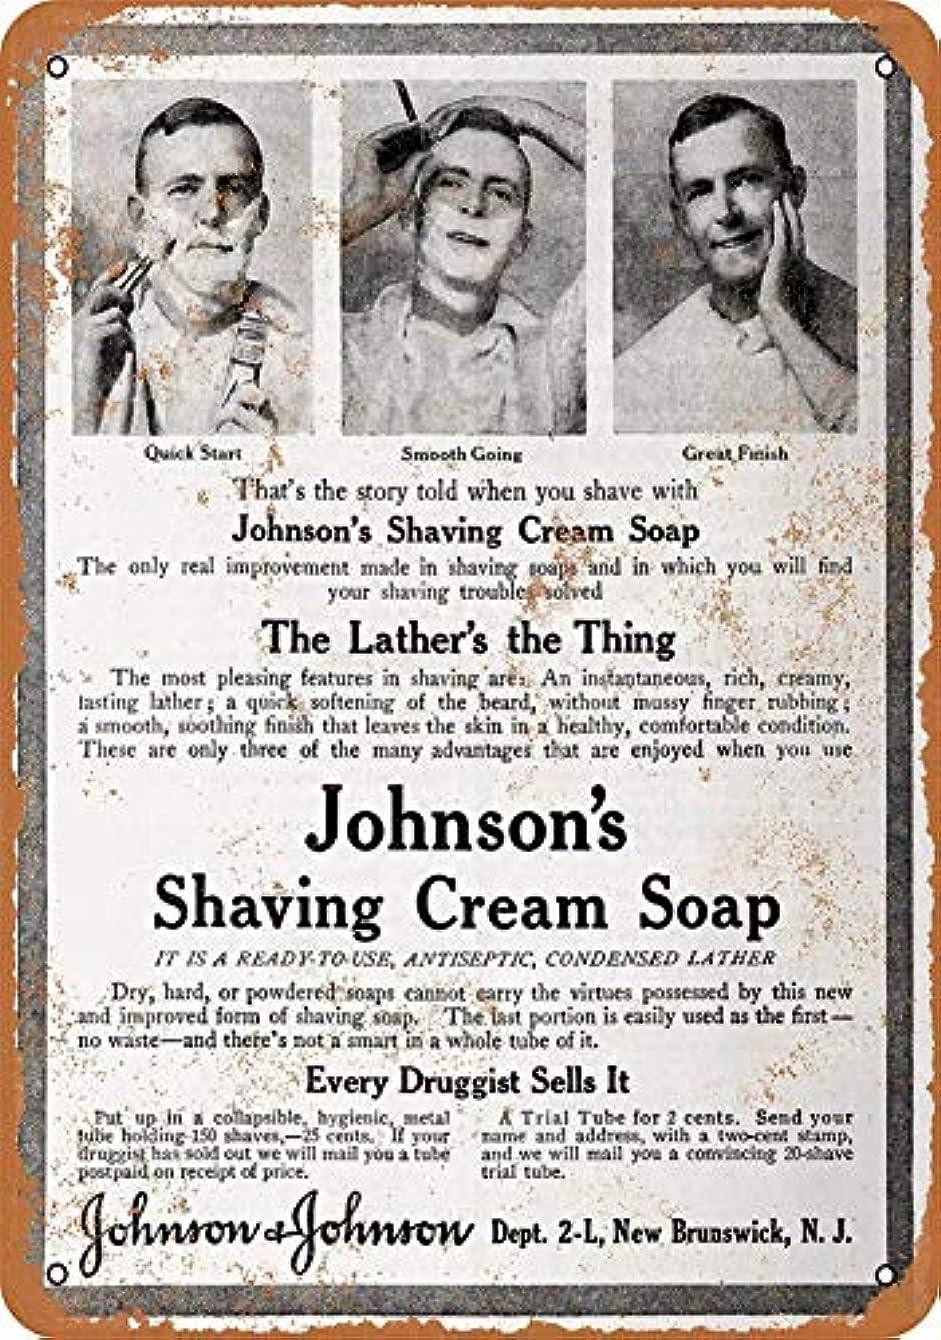 グリル左裏切り者なまけ者雑貨屋 Johnson's Shaving Cream Soap メタルプレート レトロ アメリカン ブリキ 看板 バー ビール おしゃれ インテリア